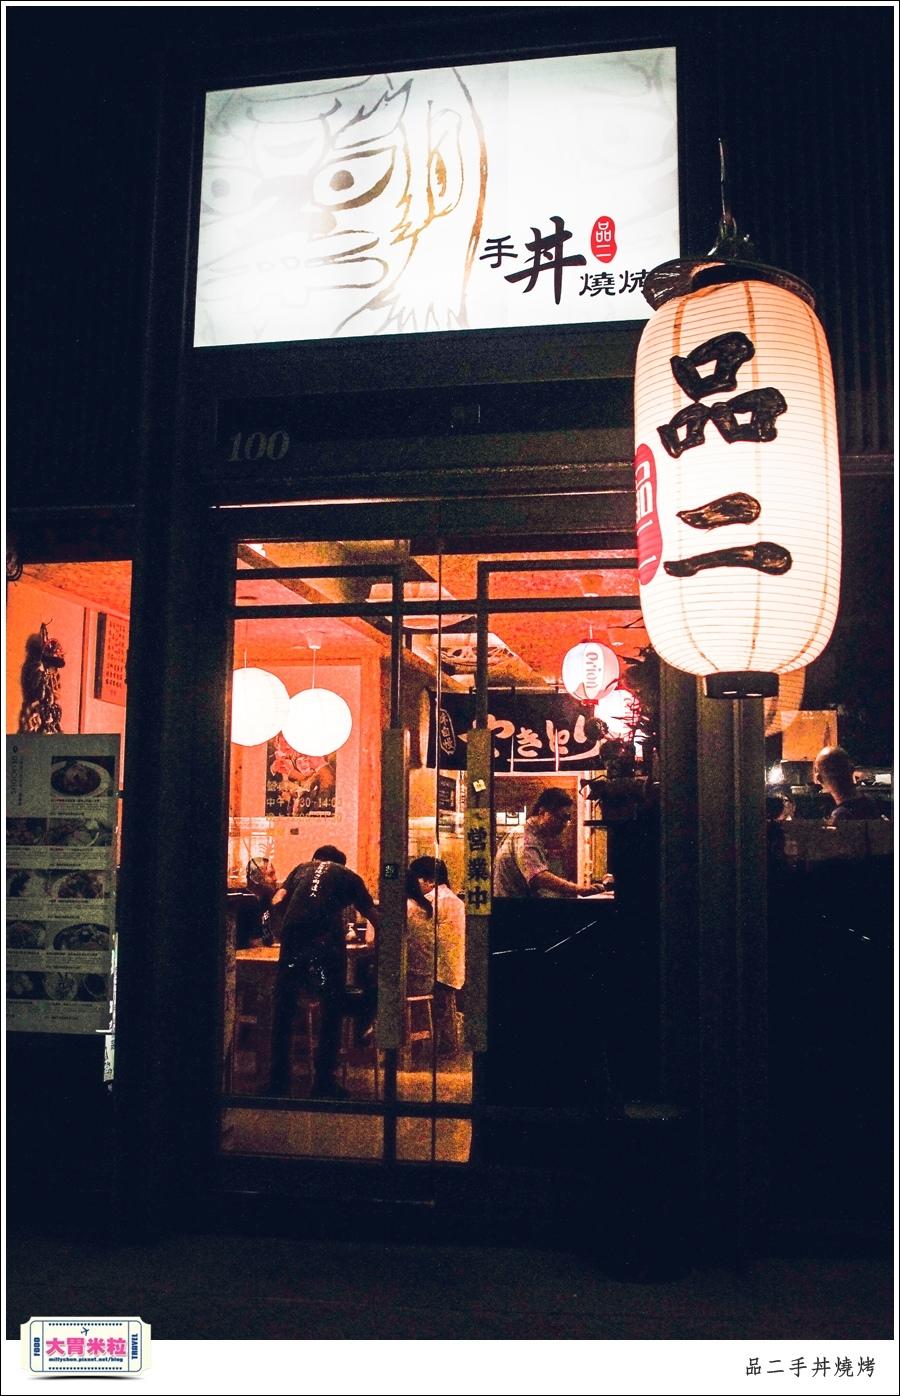 嘉義品二手丼燒烤@嘉義日式料理推薦@大胃米粒0065.jpg